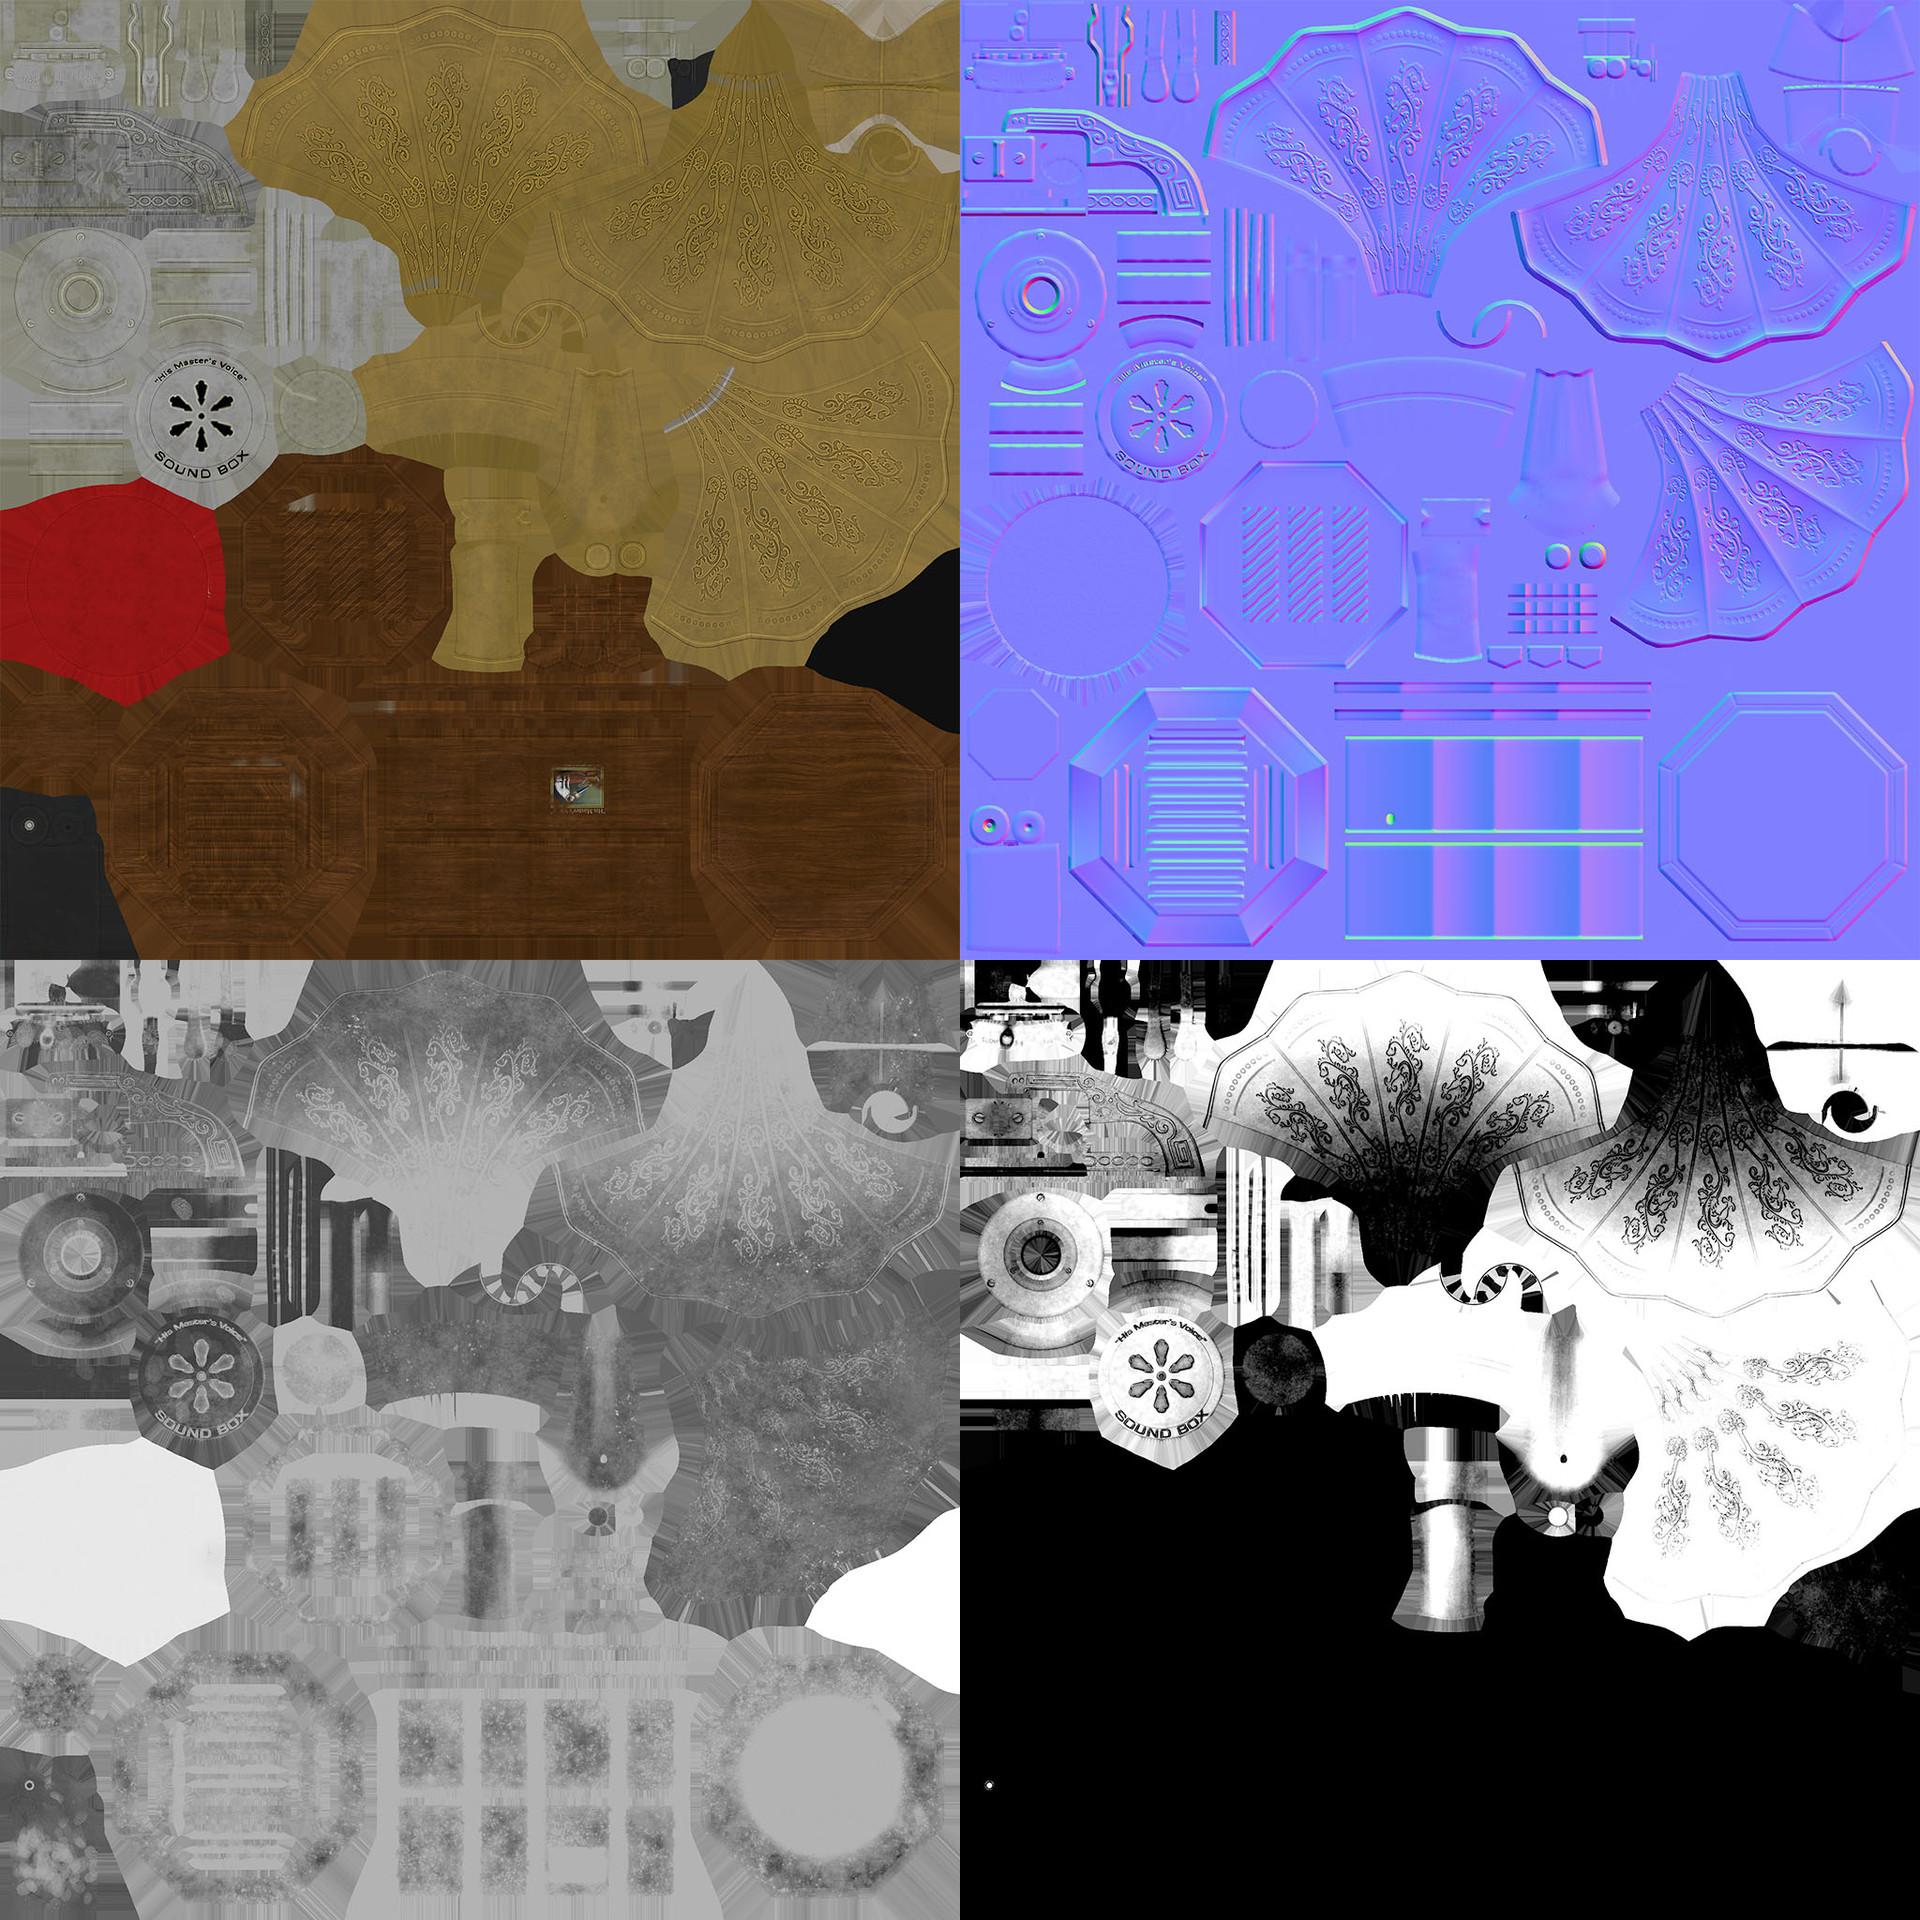 Roberto quye gramophone textures